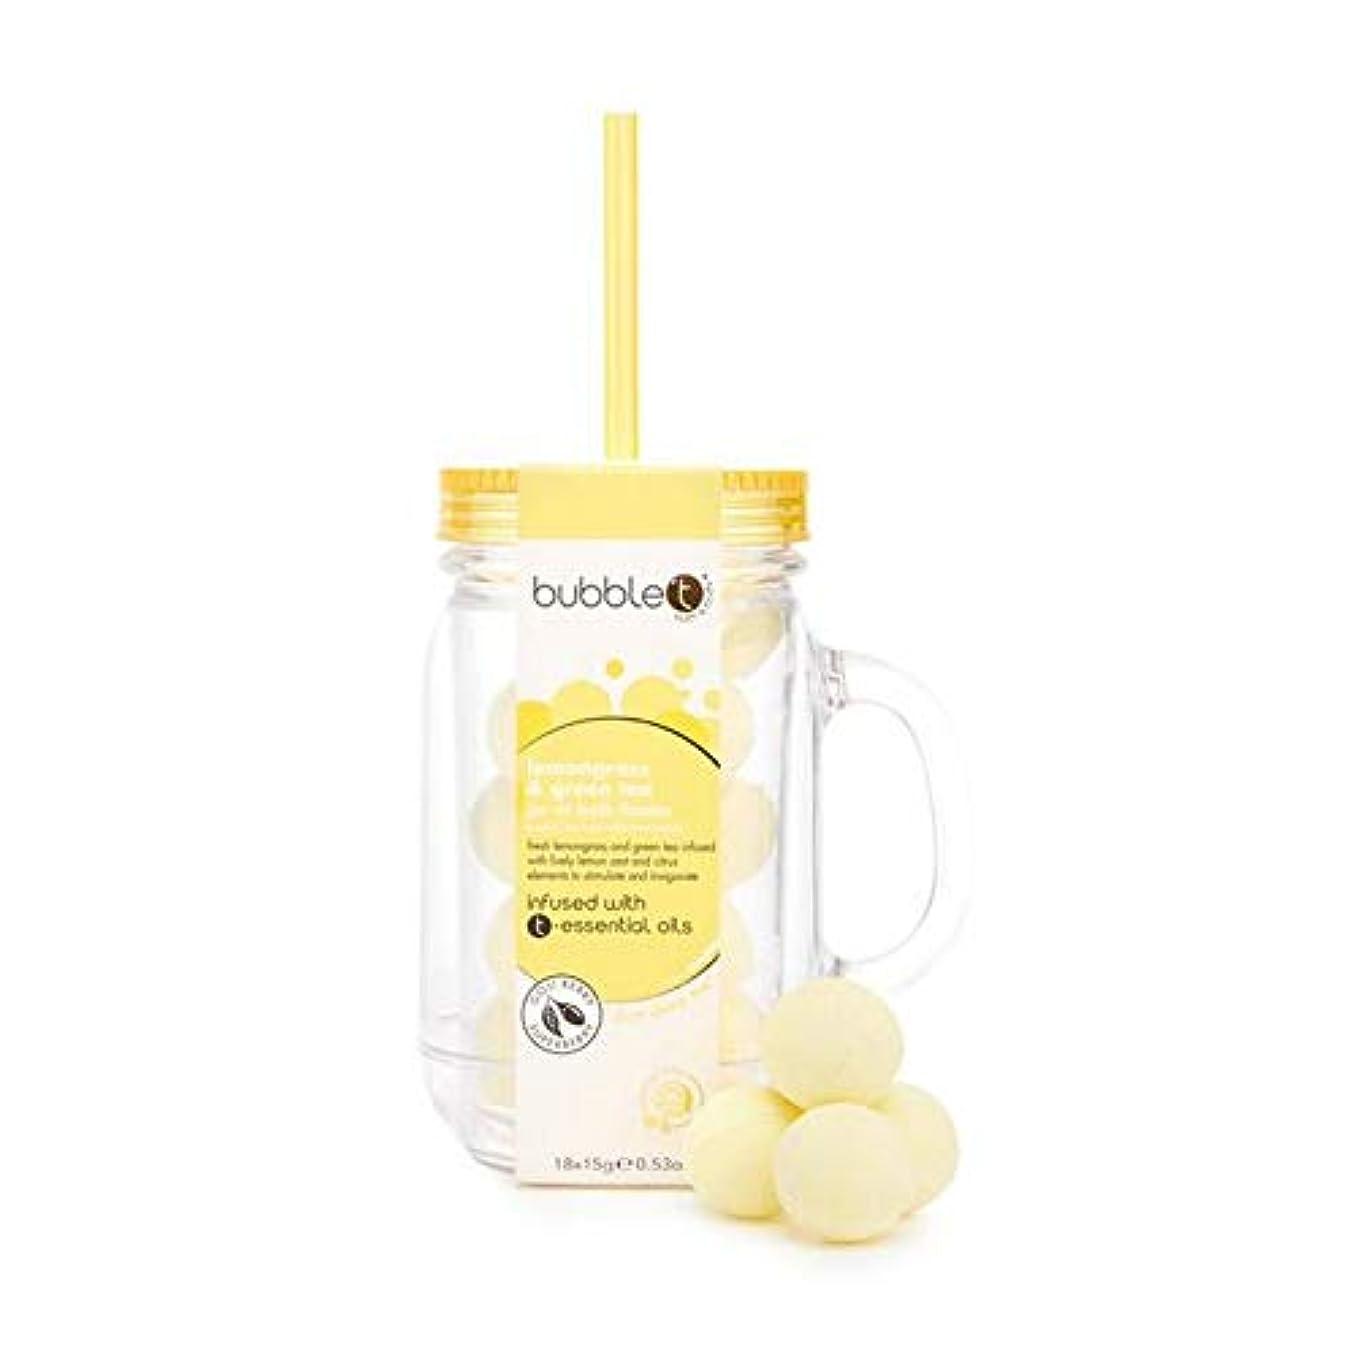 奪うガロン年金受給者[BUBBLE T] バブルトン風呂Fizziesメイソンジャー、レモングラス&緑茶 - Bubble T Bath Fizzies Mason Jar, Lemongrass & Green Tea [並行輸入品]